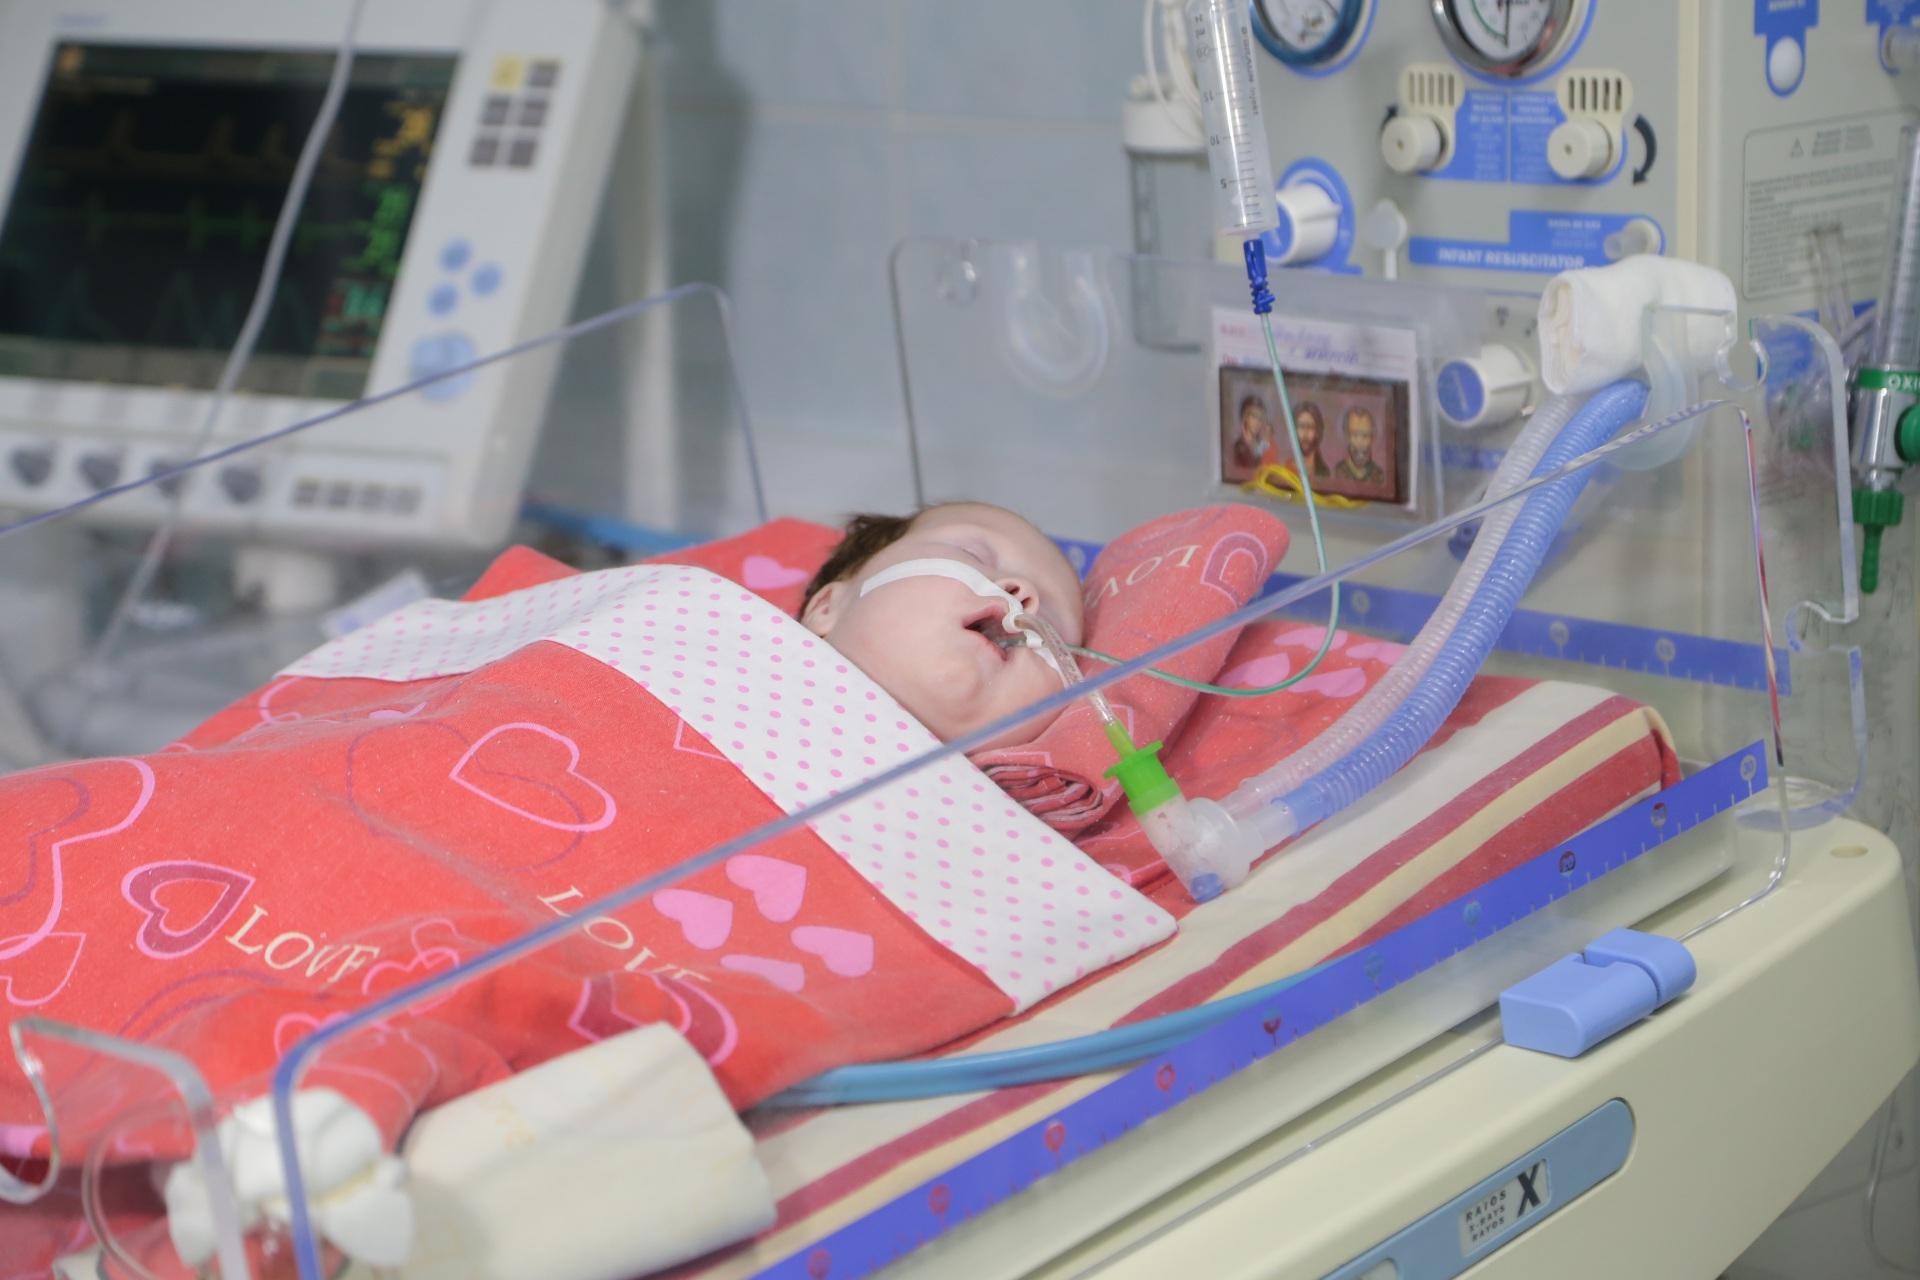 Спасти ребенка: более 120 тысяч рублей собрано в помощь Дарине Ивановой за день марафона